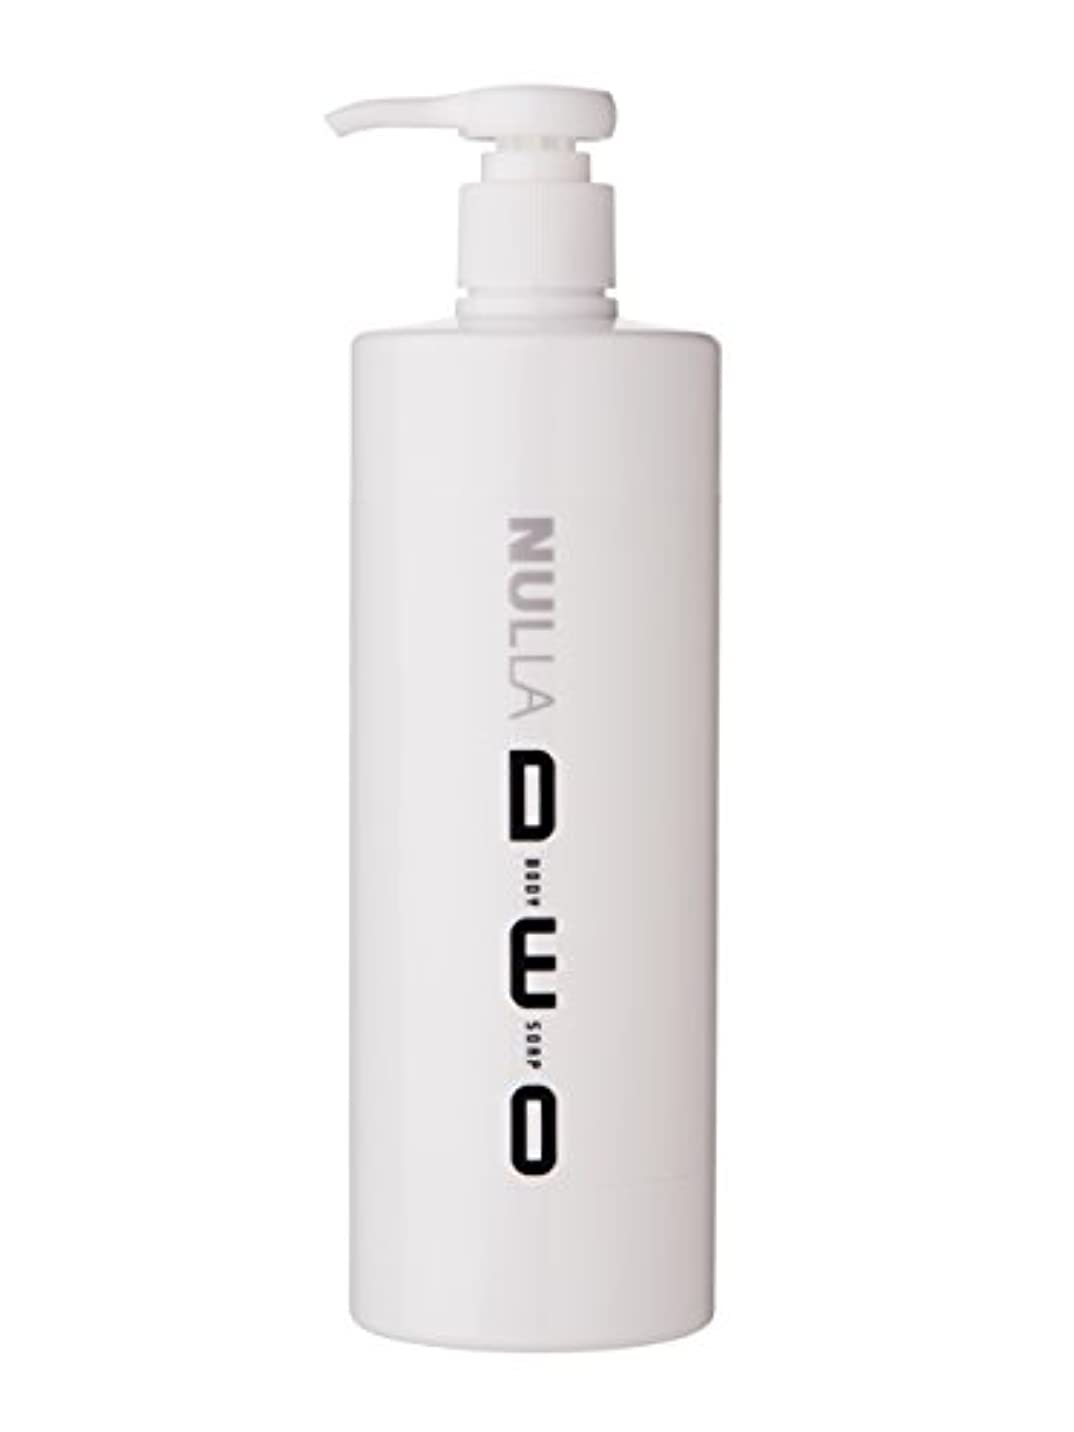 ワックスなので助けてNULLA(ヌーラ) ヌーラデオ ボディソープ [ニオイ菌を抑制] 500ml 日本製 加齢臭 体臭 対策 シャボンの香り